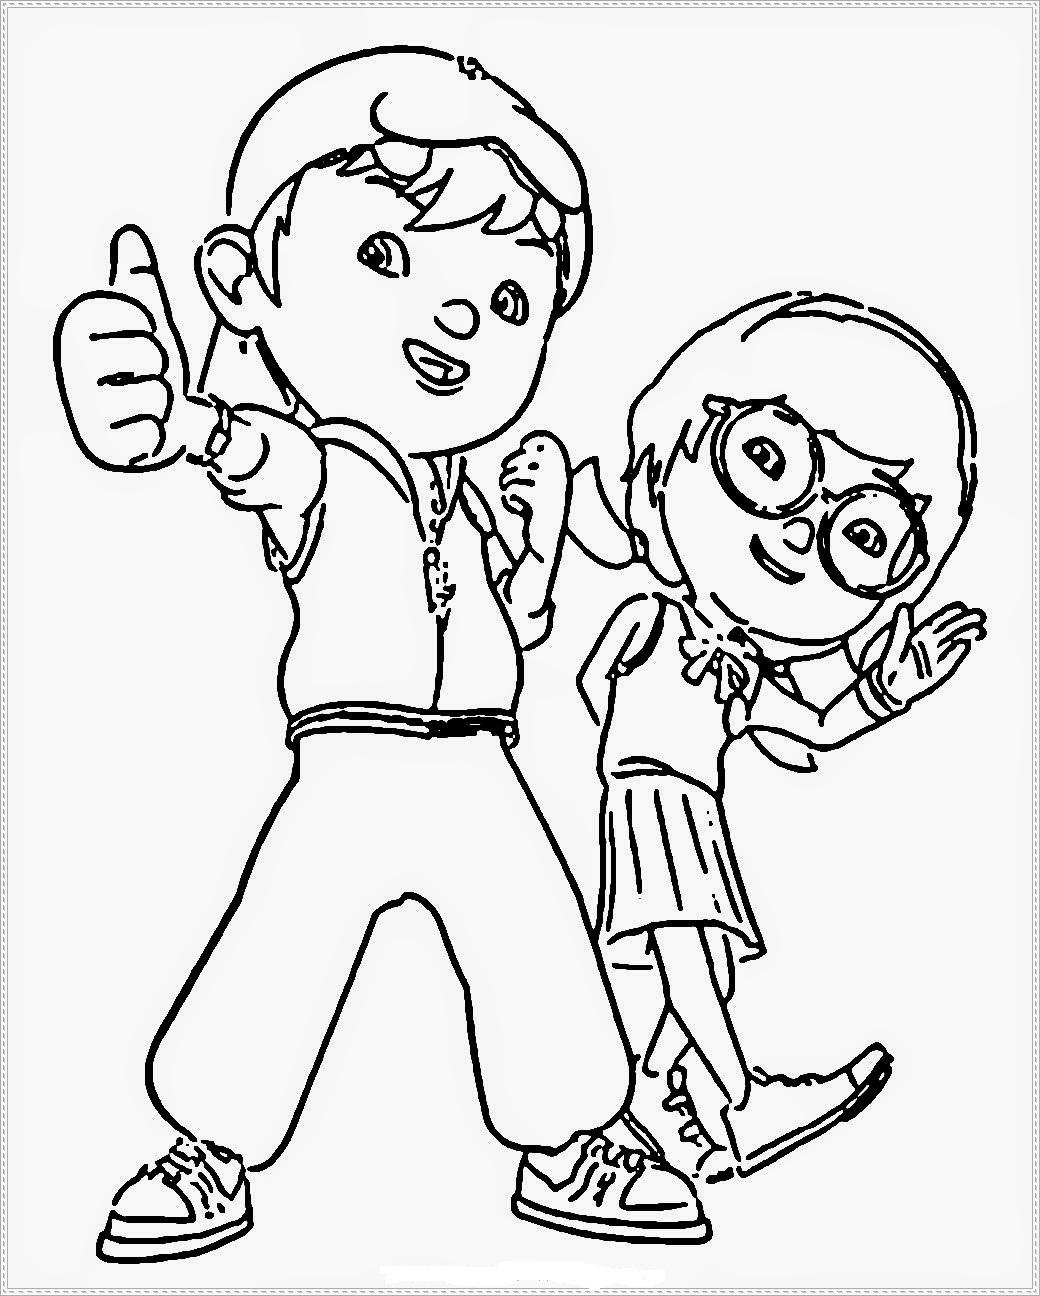 29 Gambar Mewarnai Kartun Boboiboy Gambar Kartun Hd